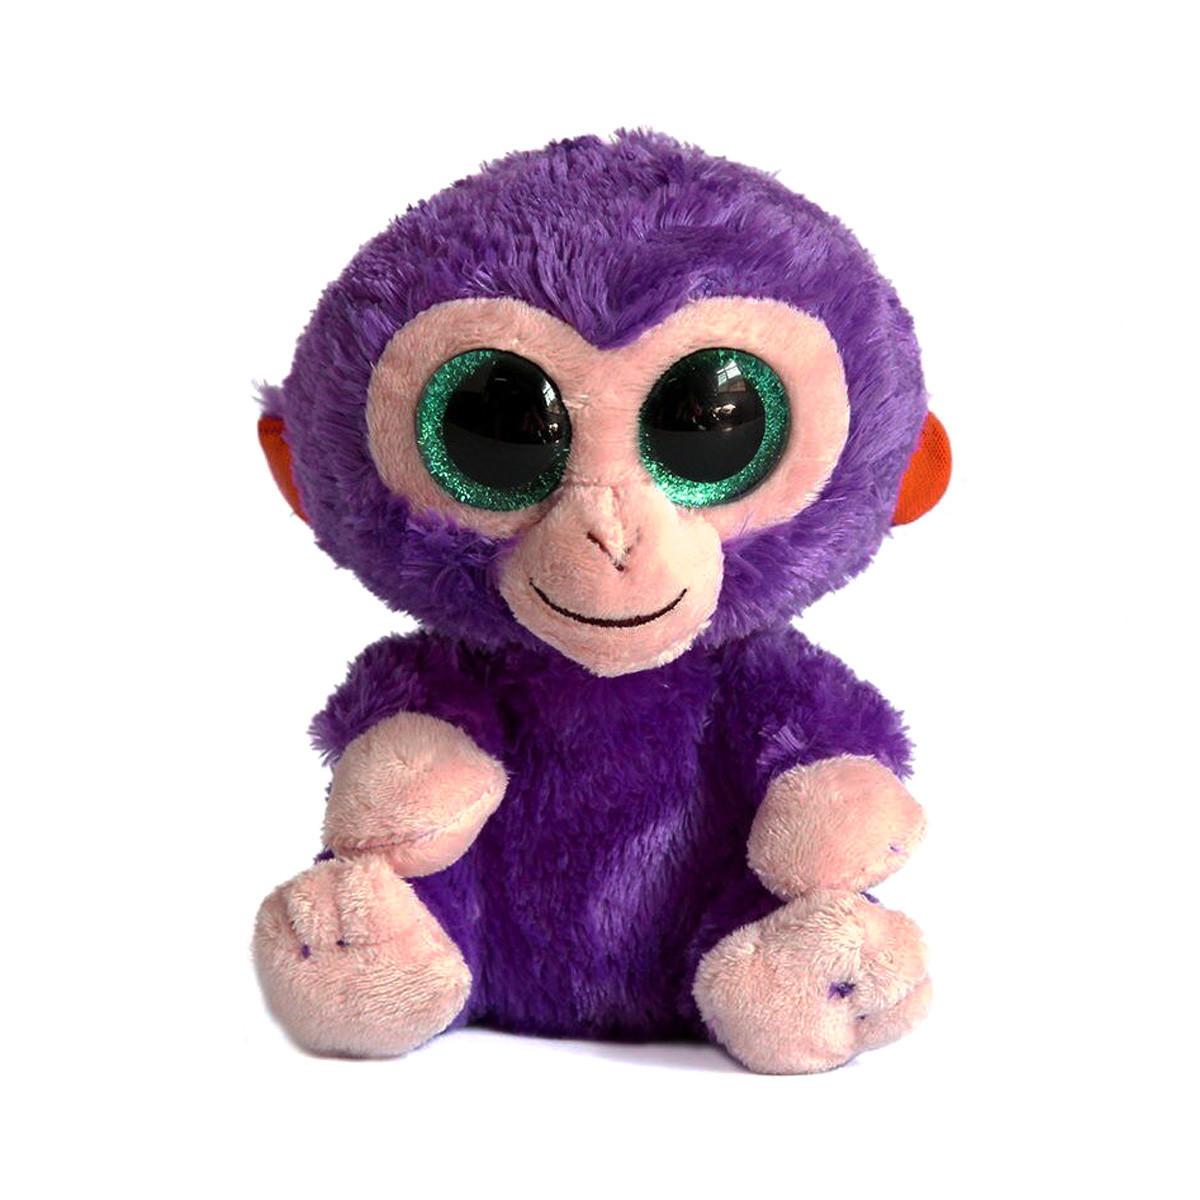 Мягкая игрушка Глазастик: Обезьянка, 16 см